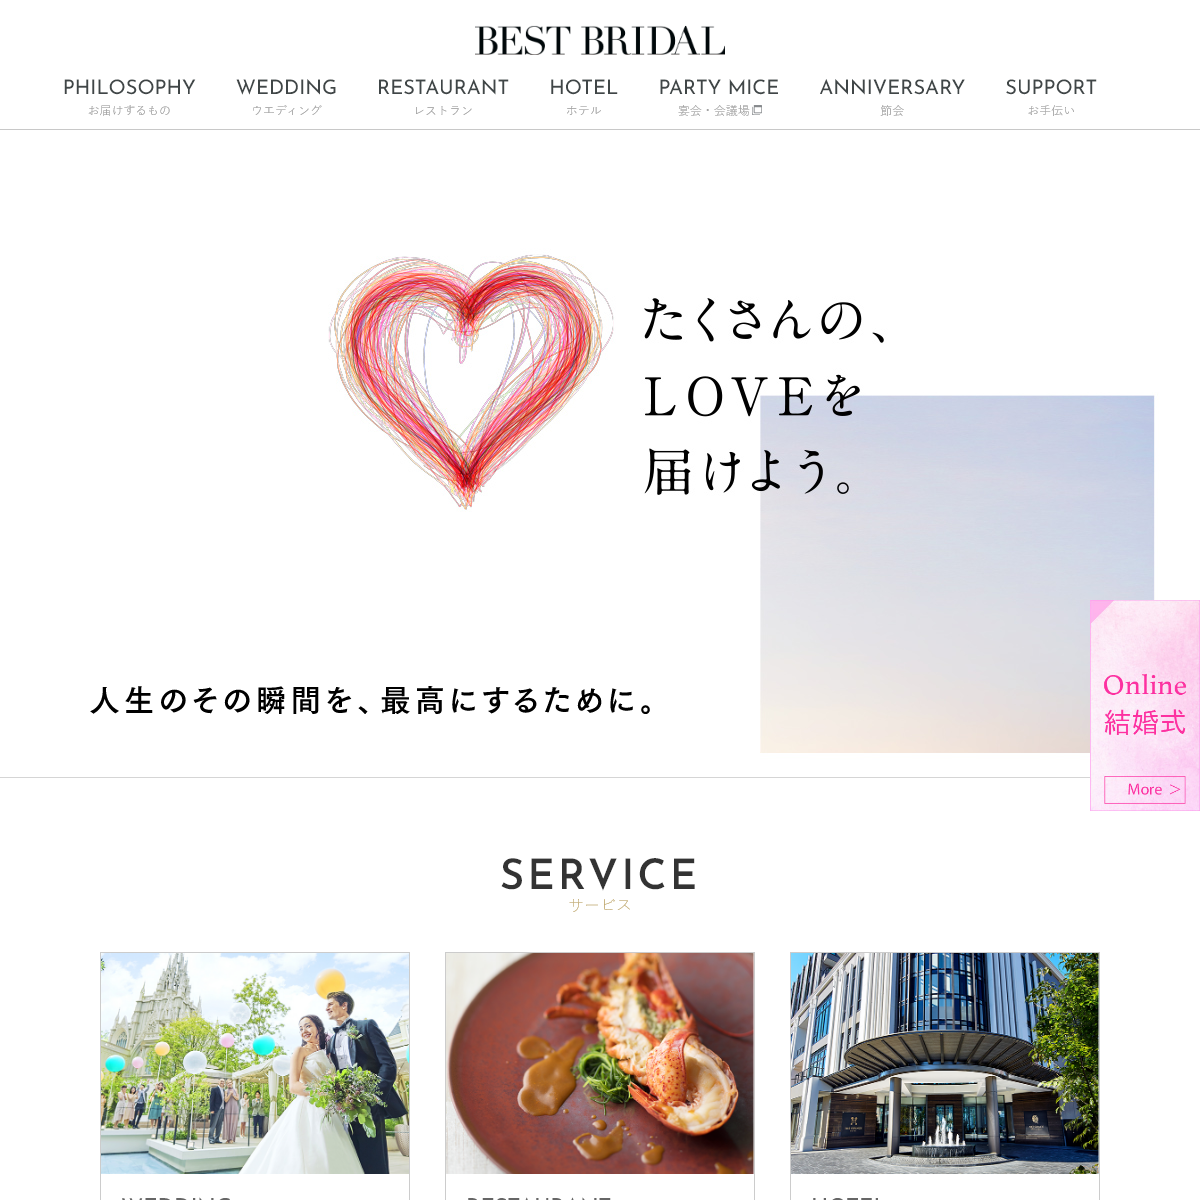 【公式】ベストブライダル ゲストハウスウエディングの総合プロデュース